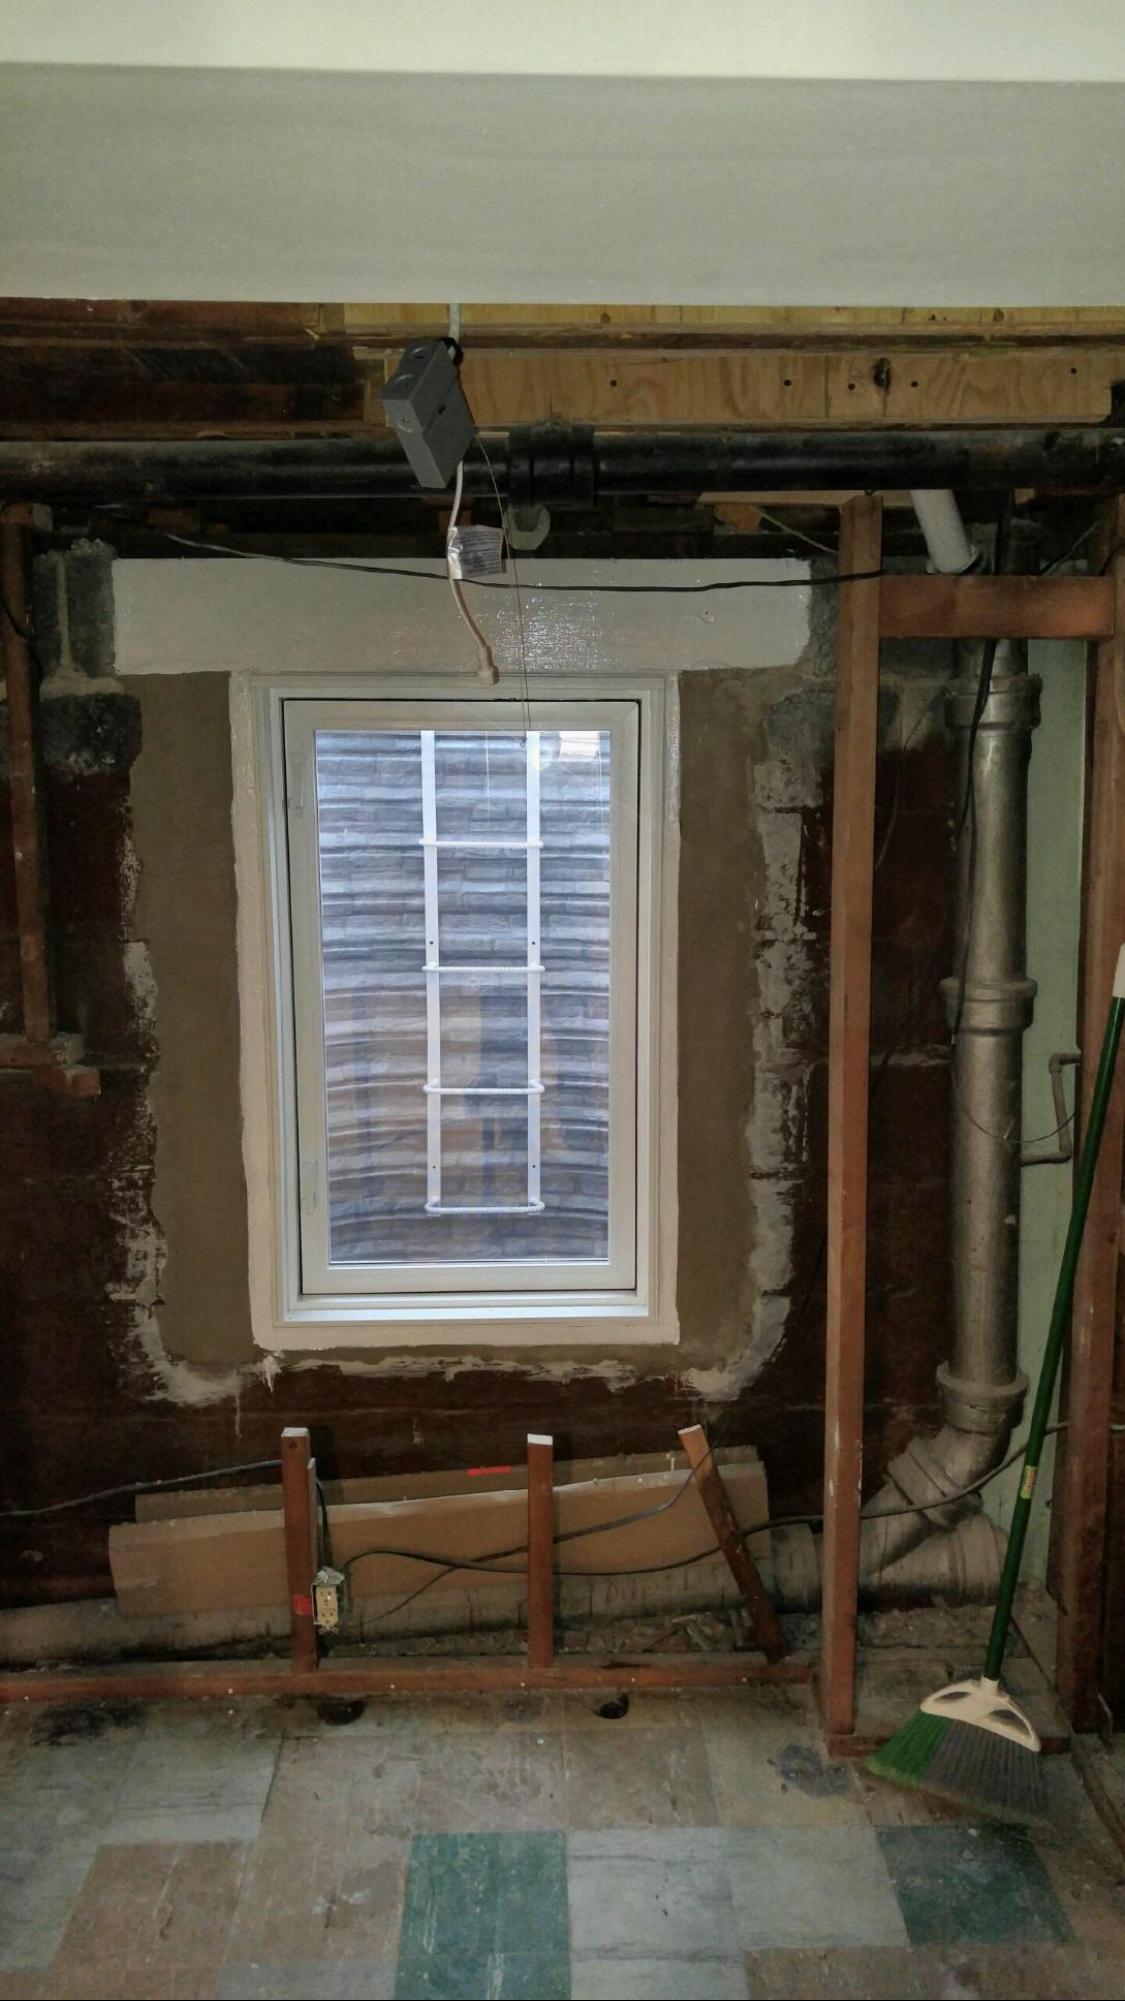 Lighting Basement Washroom Stairs: Egress Windows